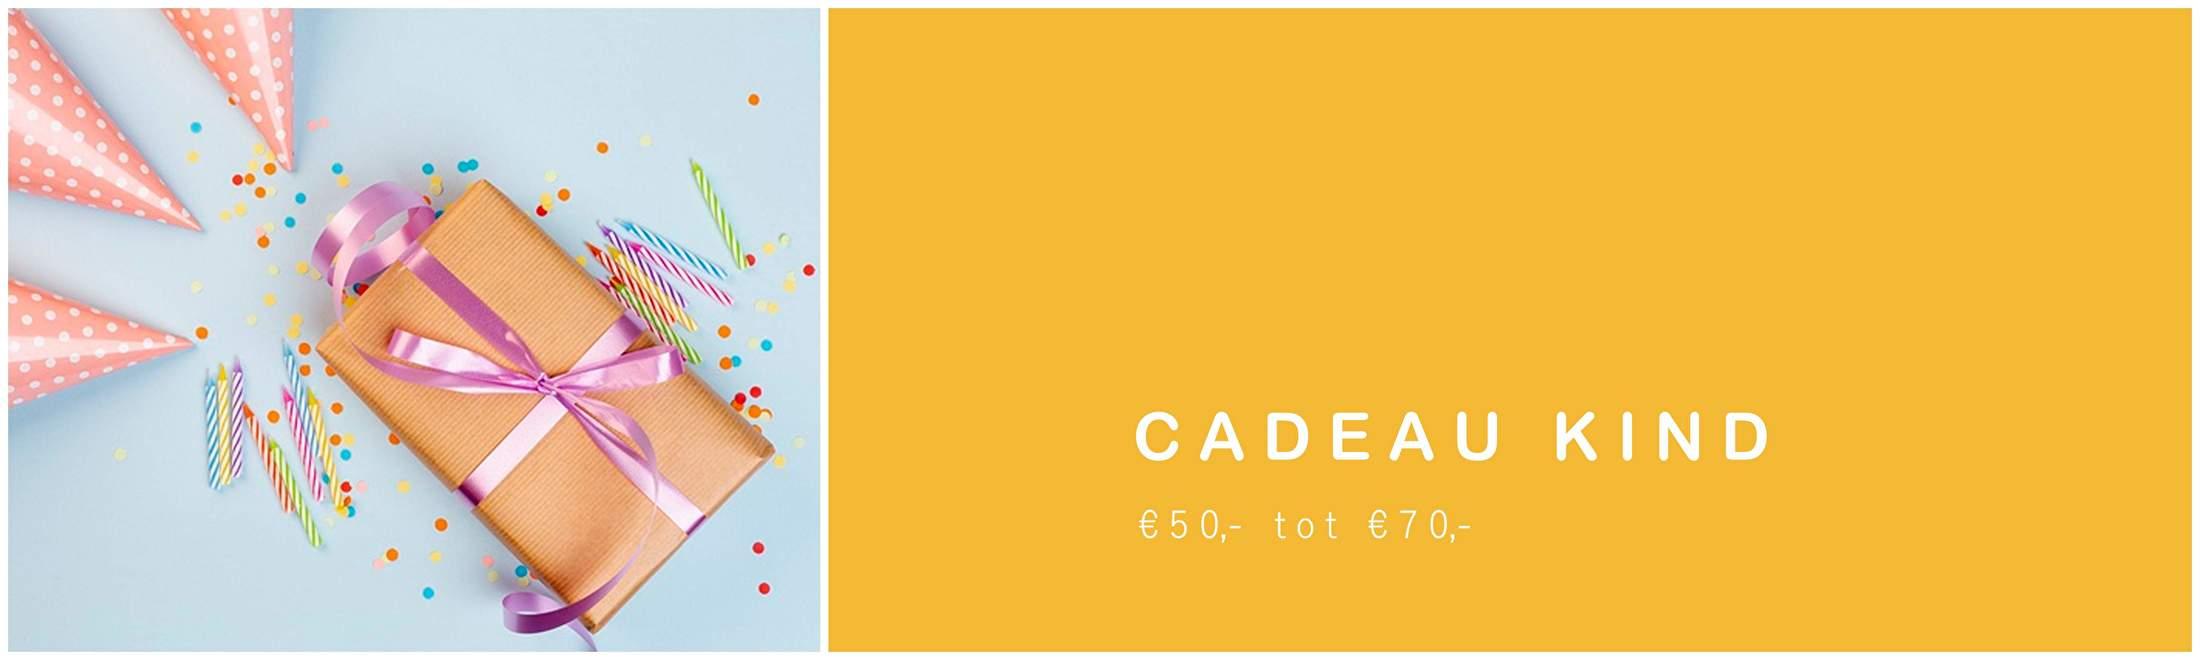 CADEAU KIND €50/70